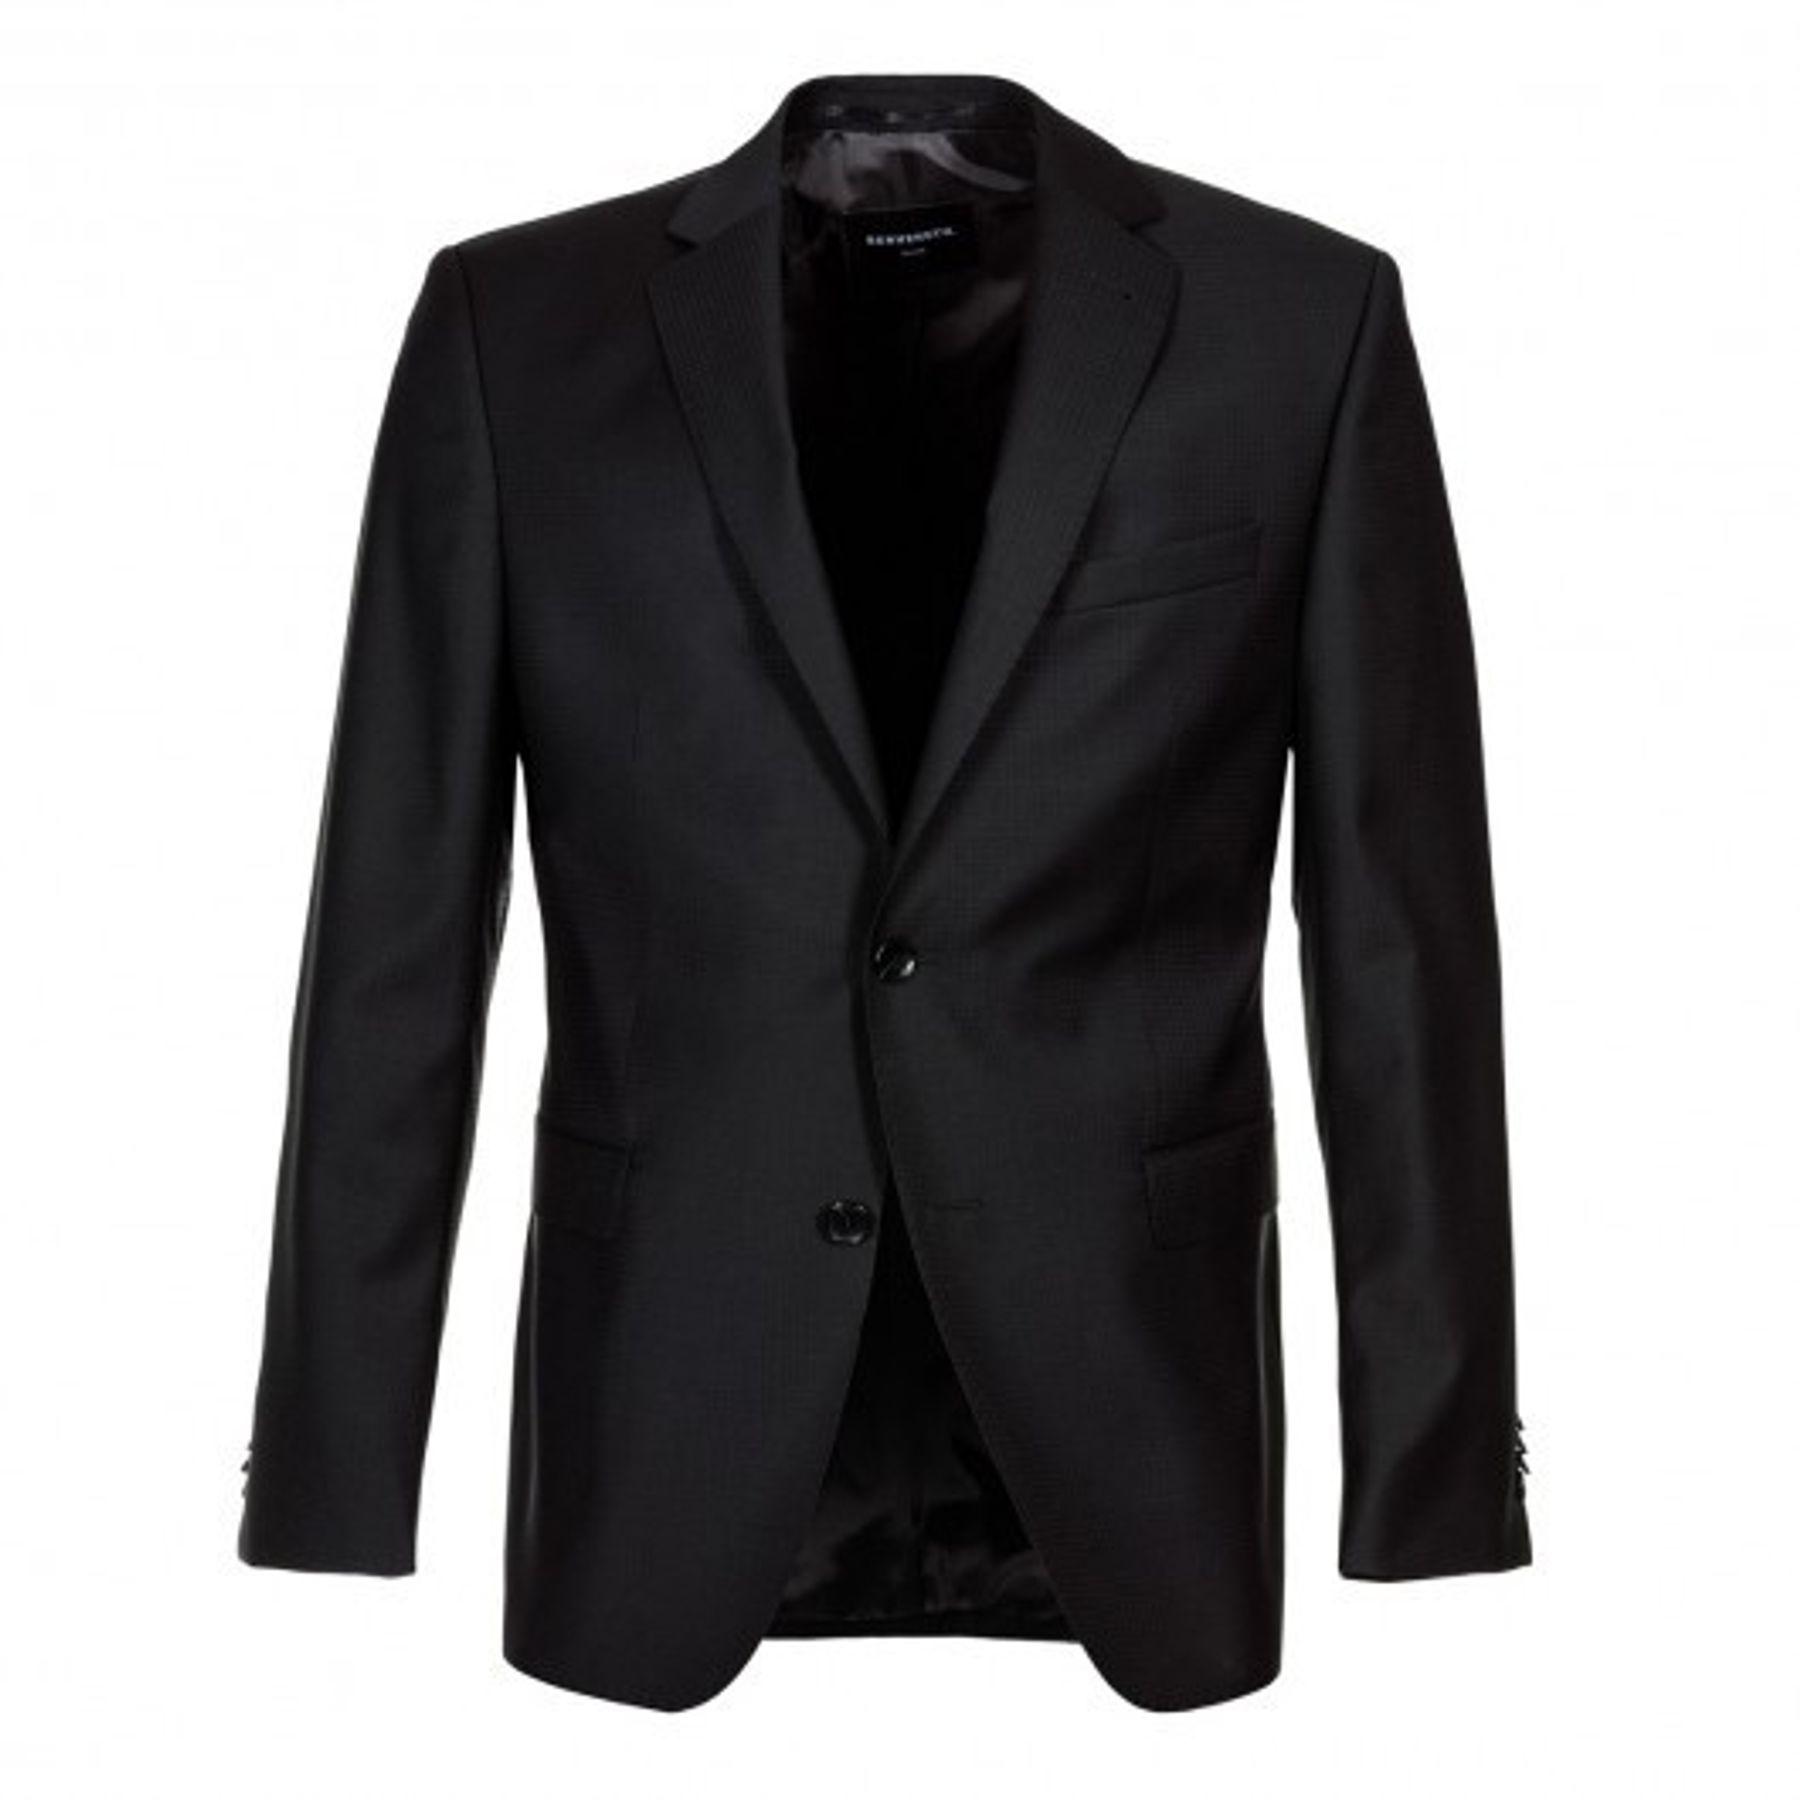 Benvenuto Black - Modern Fit - Herren Baukasten Sakko aus Super 100'S Schurwolle, Romeo (20808, Modell: 62100) – Bild 2